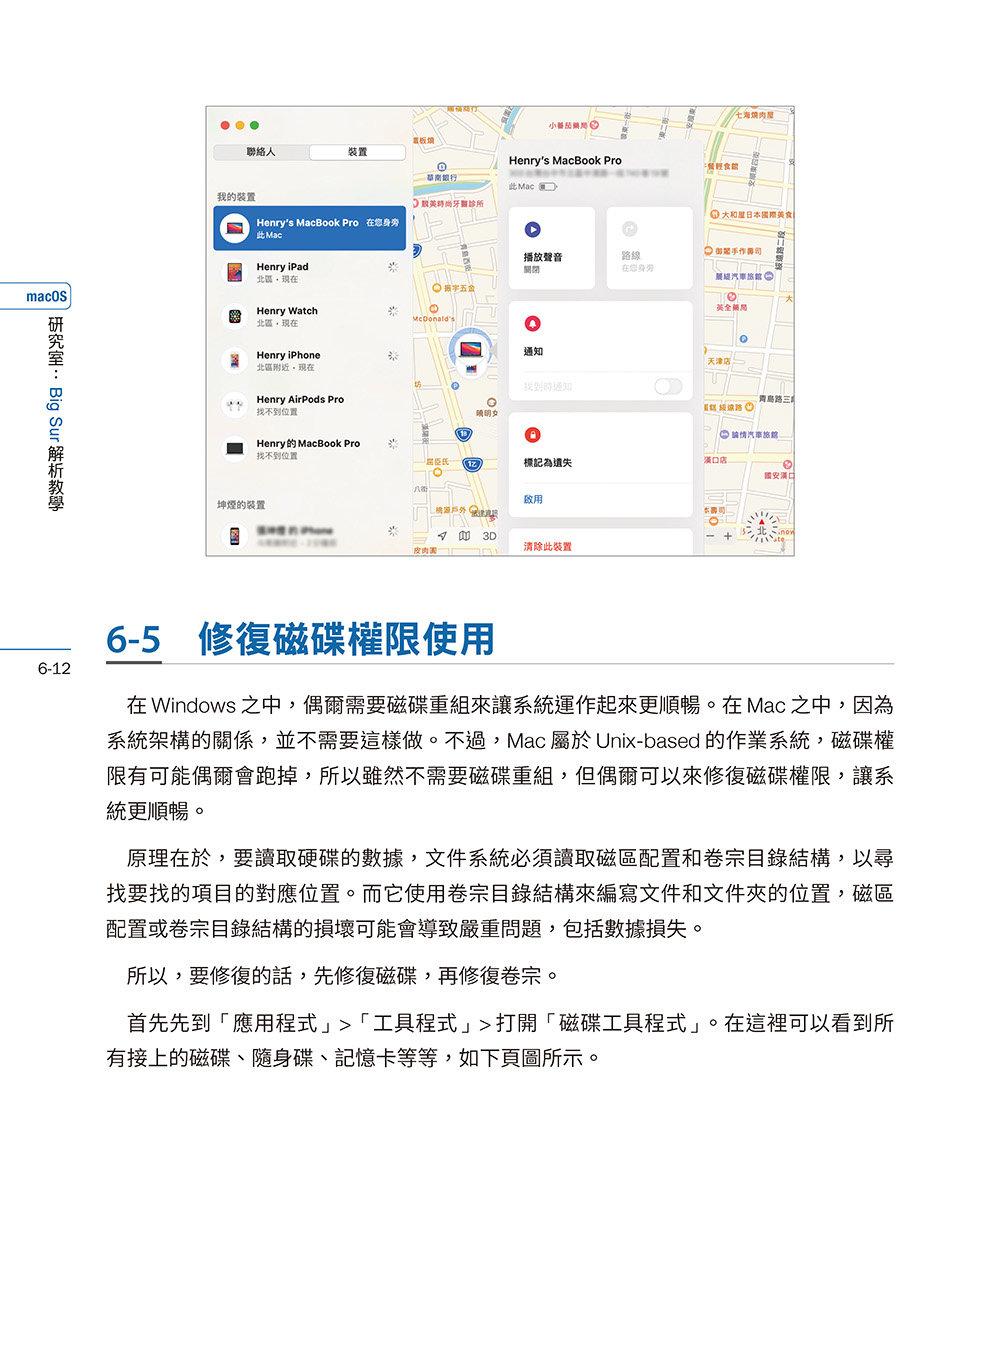 macOS 研究室:Big Sur 解析教學-preview-5